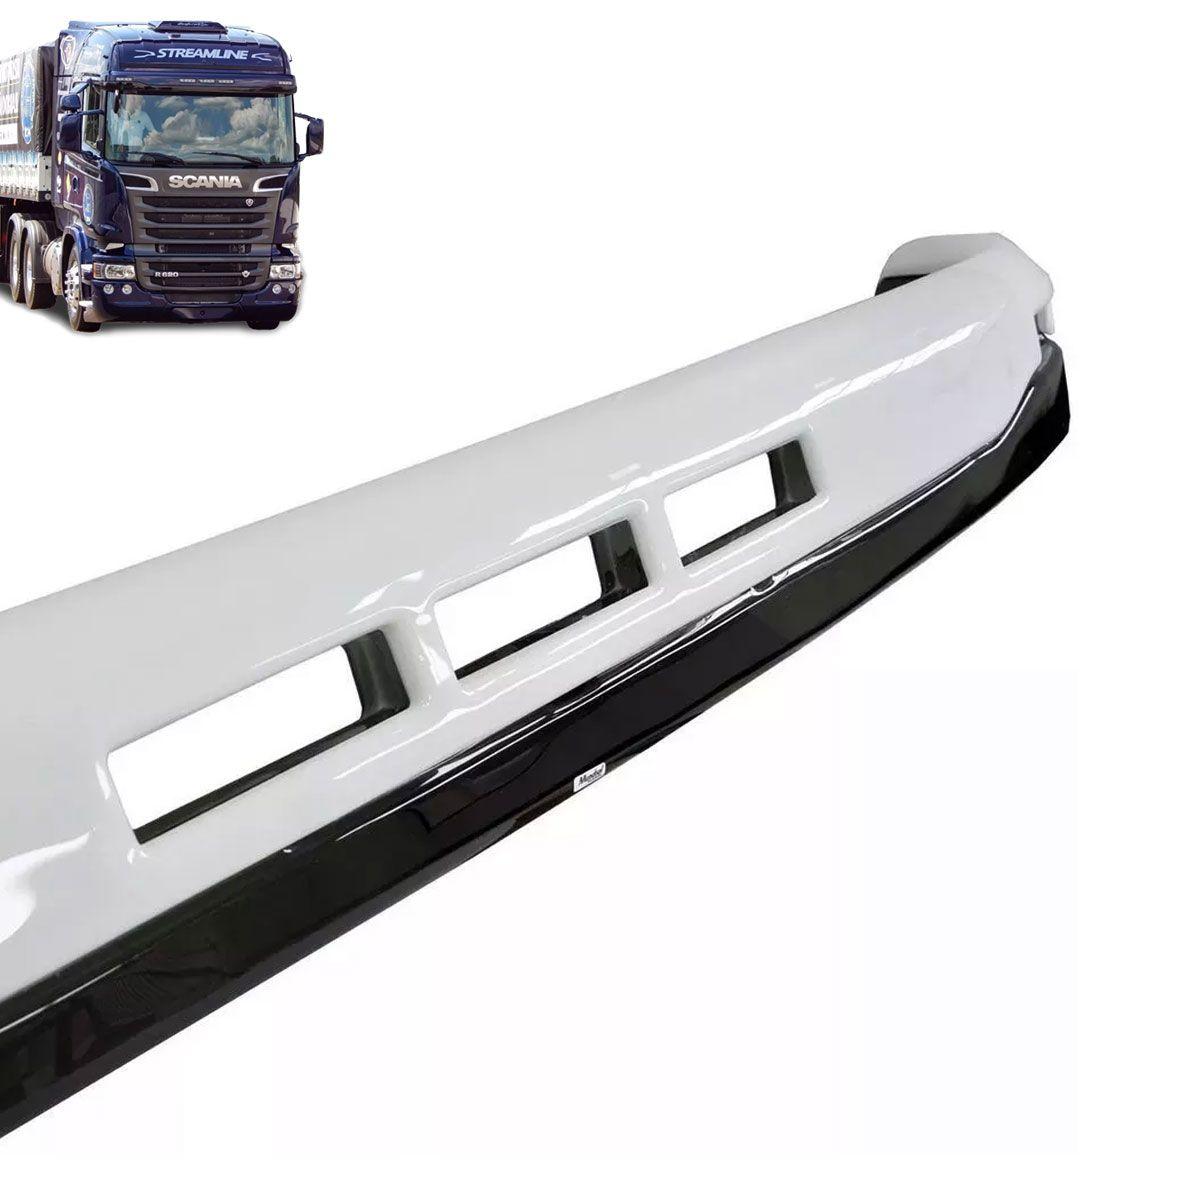 Kit Tapa Sol Scania Serie 5 Streamline com suporte de adaptação para Caminhões Scania S4 124 114 e Série 5